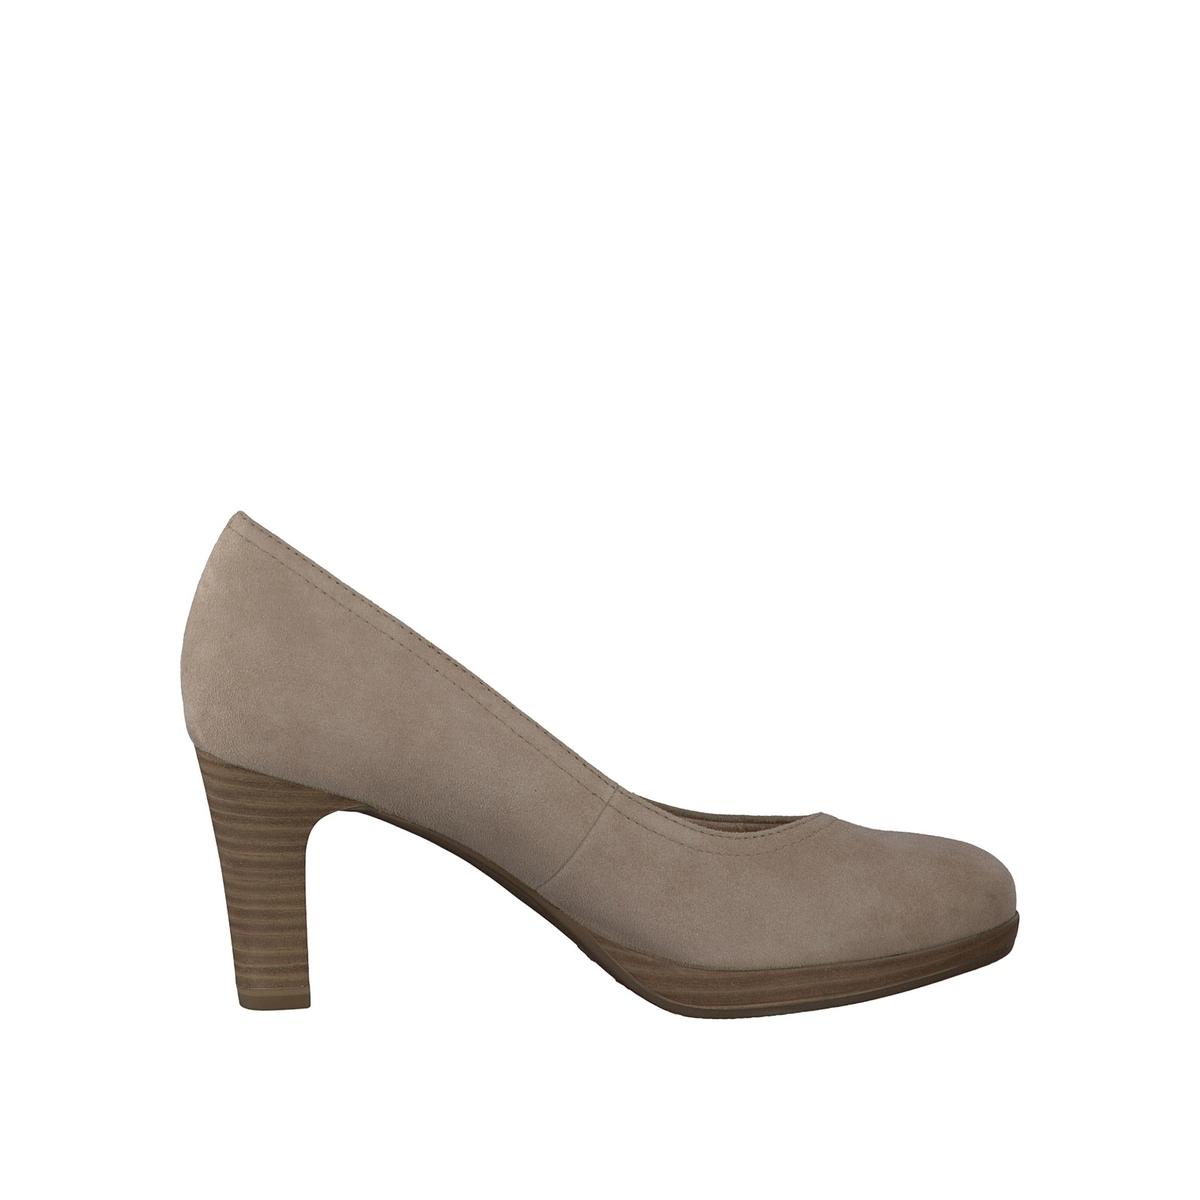 Туфли кожаные 22410-28Верх: кожа.   Подкладка: текстиль и синтетика.Стелька: синтетика.Подошва: синтетика.Высота каблука: 7 см.Форма каблука: тонкий каблук.    Мысок: закругленный.Застежка: без застежки.<br><br>Цвет: бежевый,красный,синий деним,черный<br>Размер: 41.39.37.39